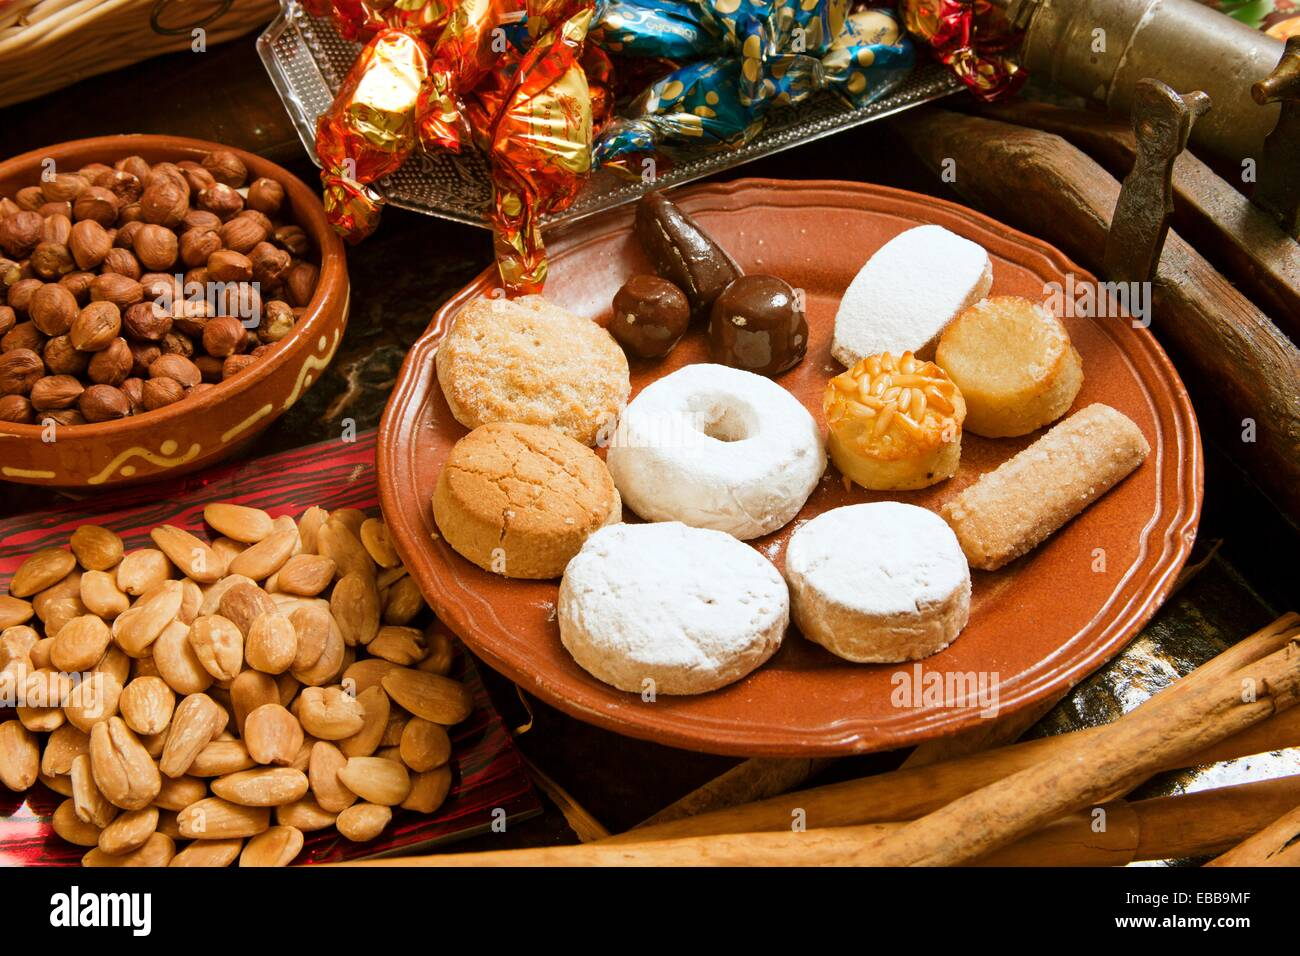 Dolci Di Natale Spagnoli.Tradizionale Spagnolo Dolci Di Natale Roscos Mantecados